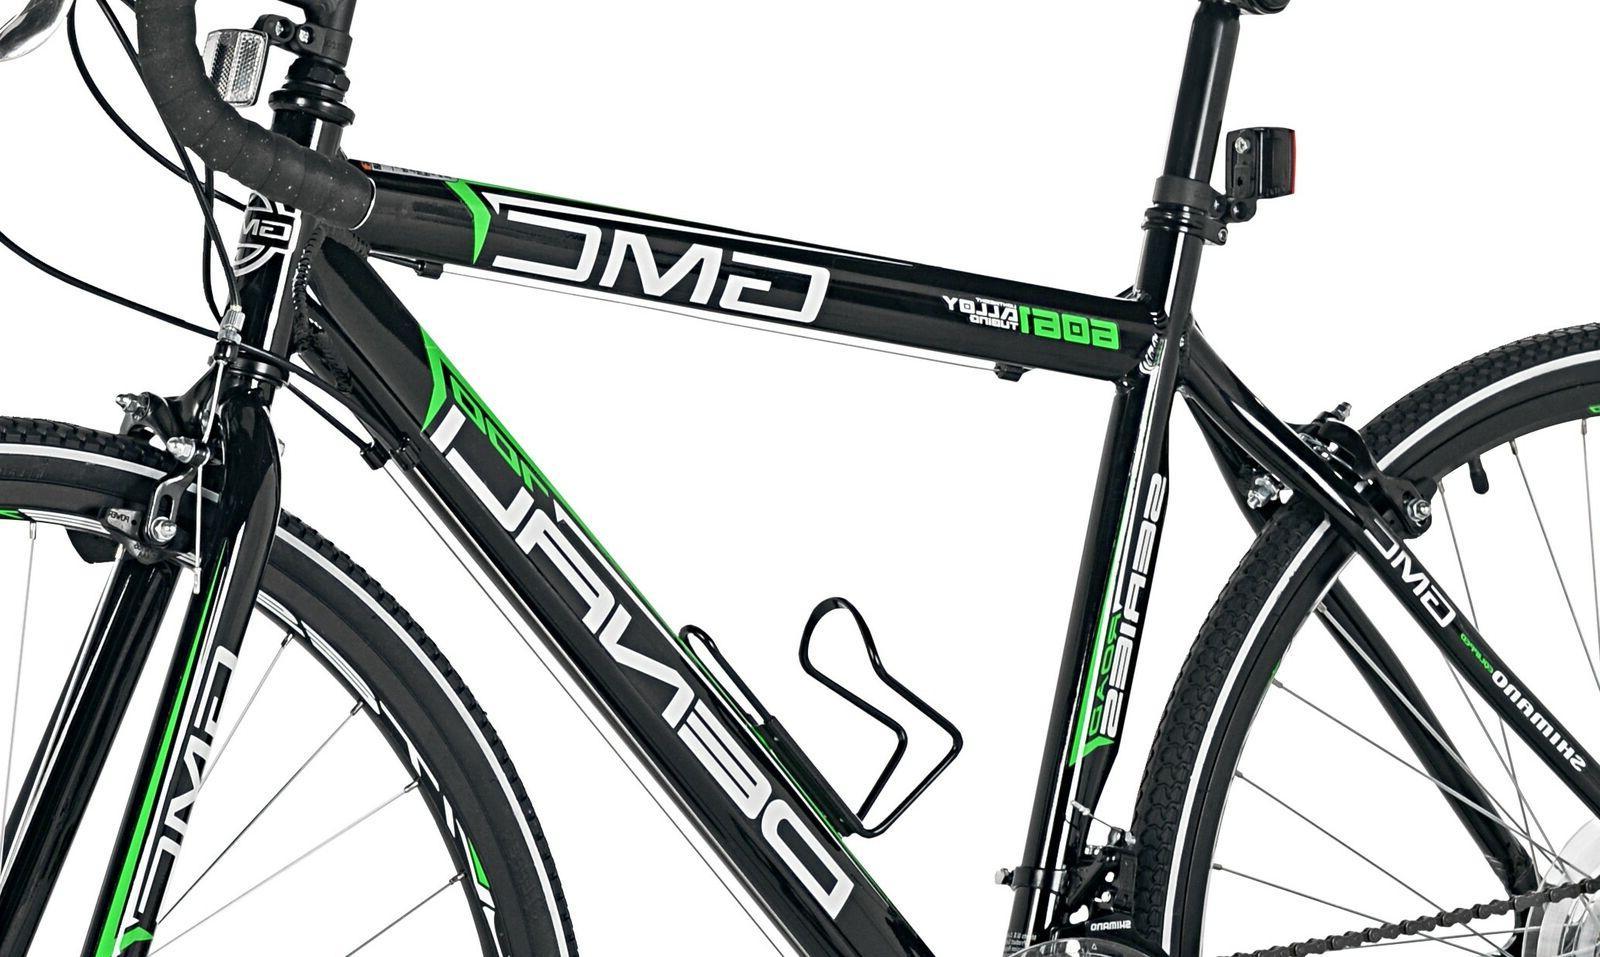 GMC Denali Road Bike, Black/Green 2 SHIPPING**